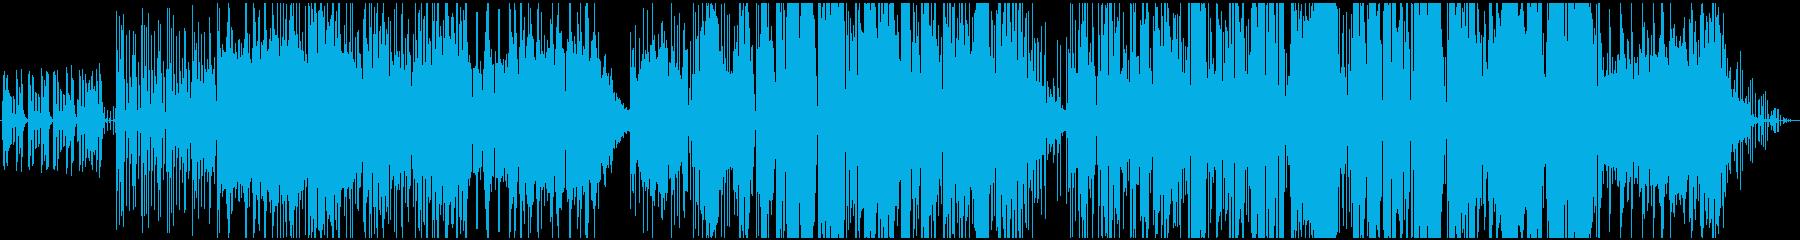 ジャズ。クール。メロディアス。ボサ...の再生済みの波形